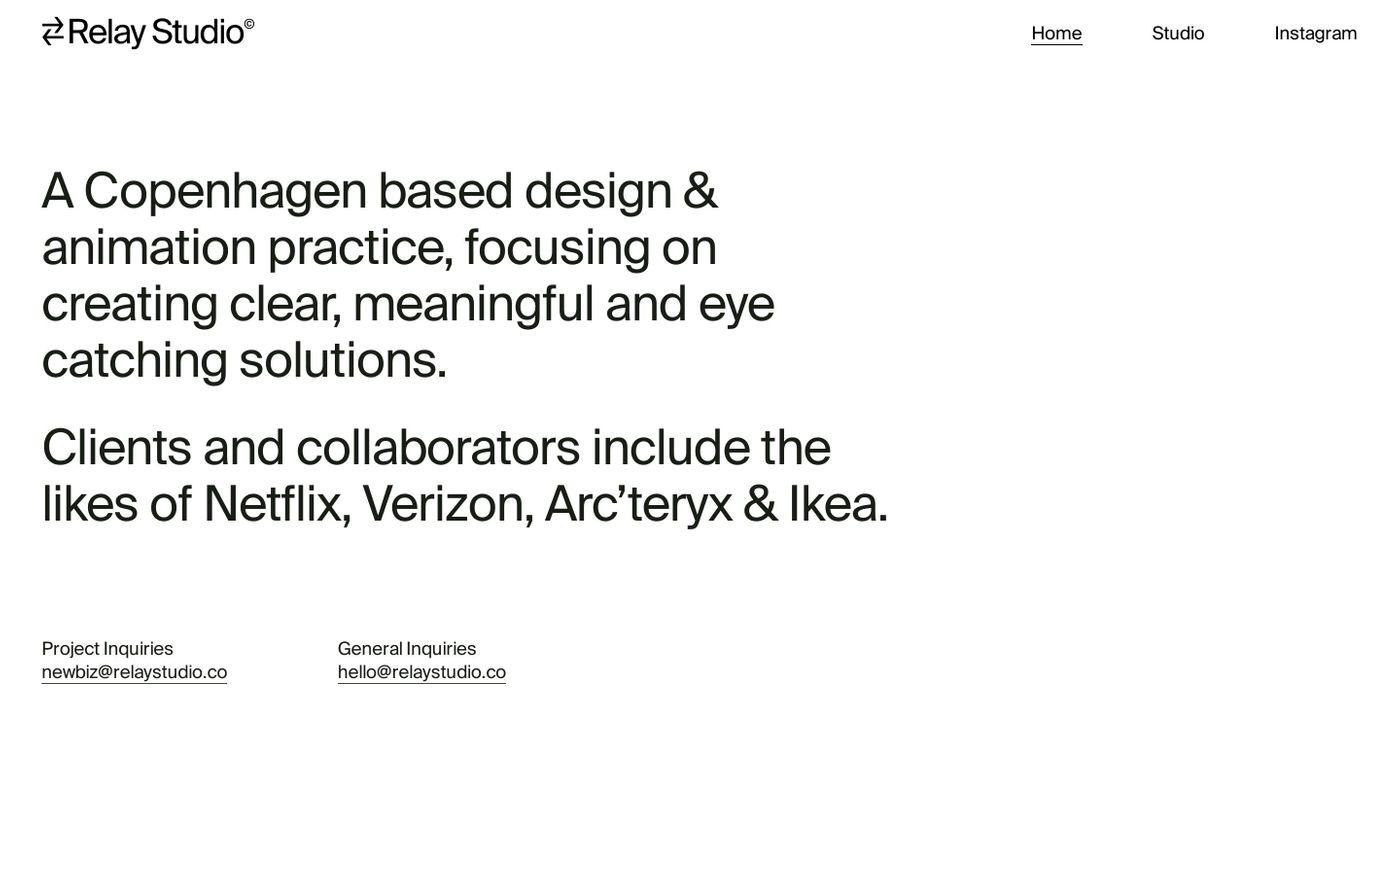 Screenshot of Relay studio website